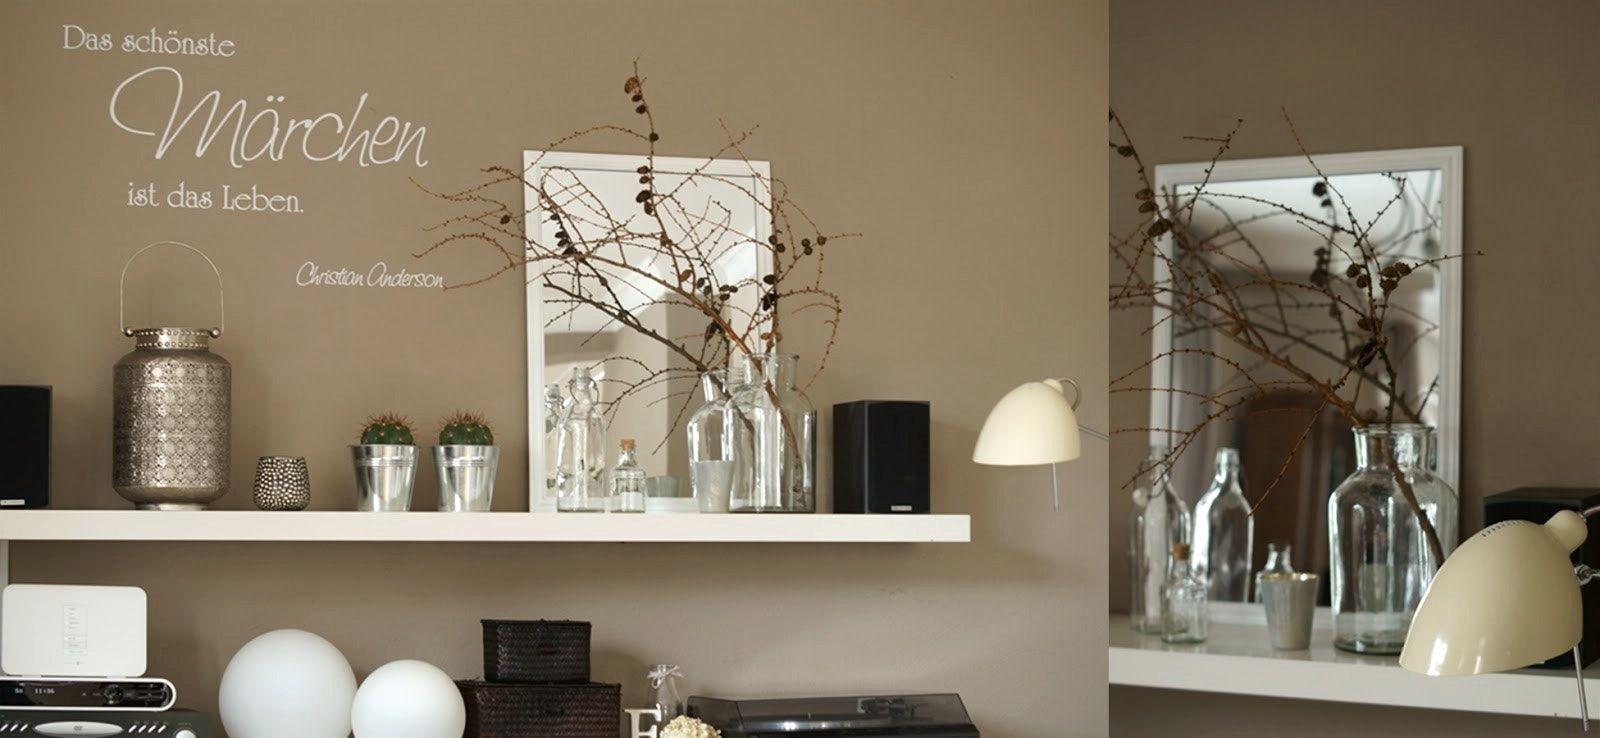 Bezaubernd Wohnzimmer Wand Design Beste Wahl